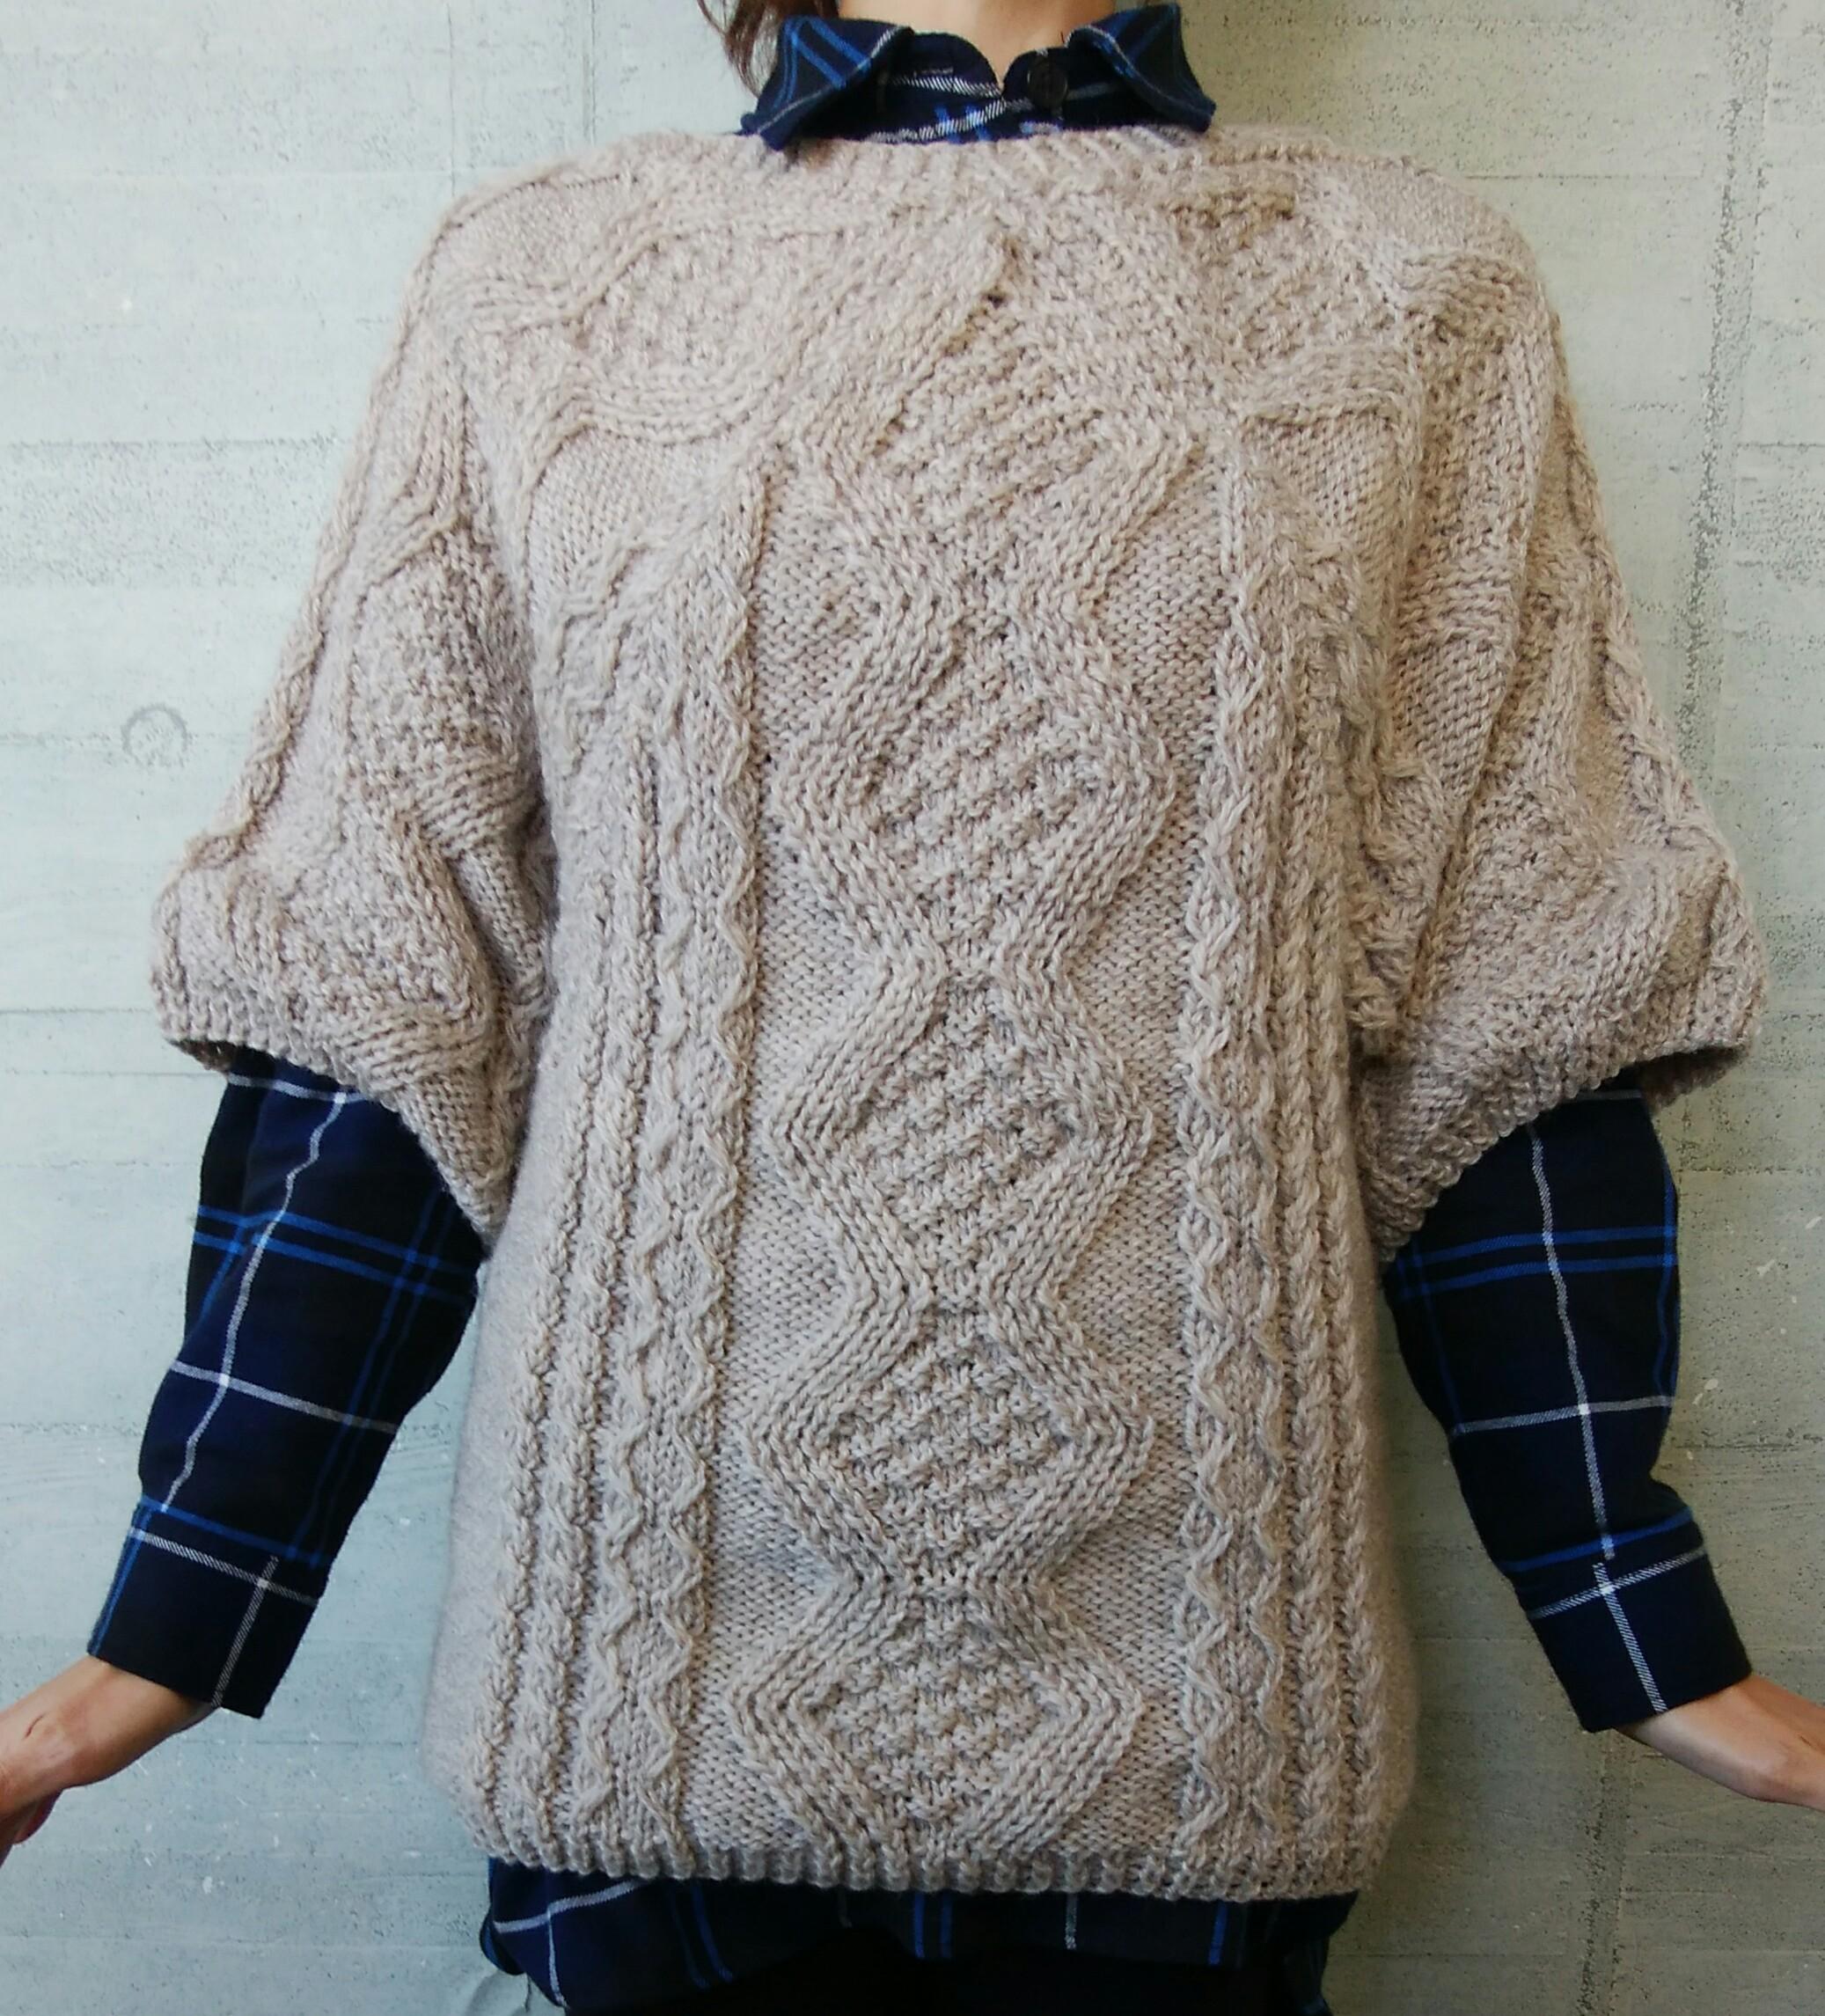 ボートネックアランセーター【冬の日の編みもの】